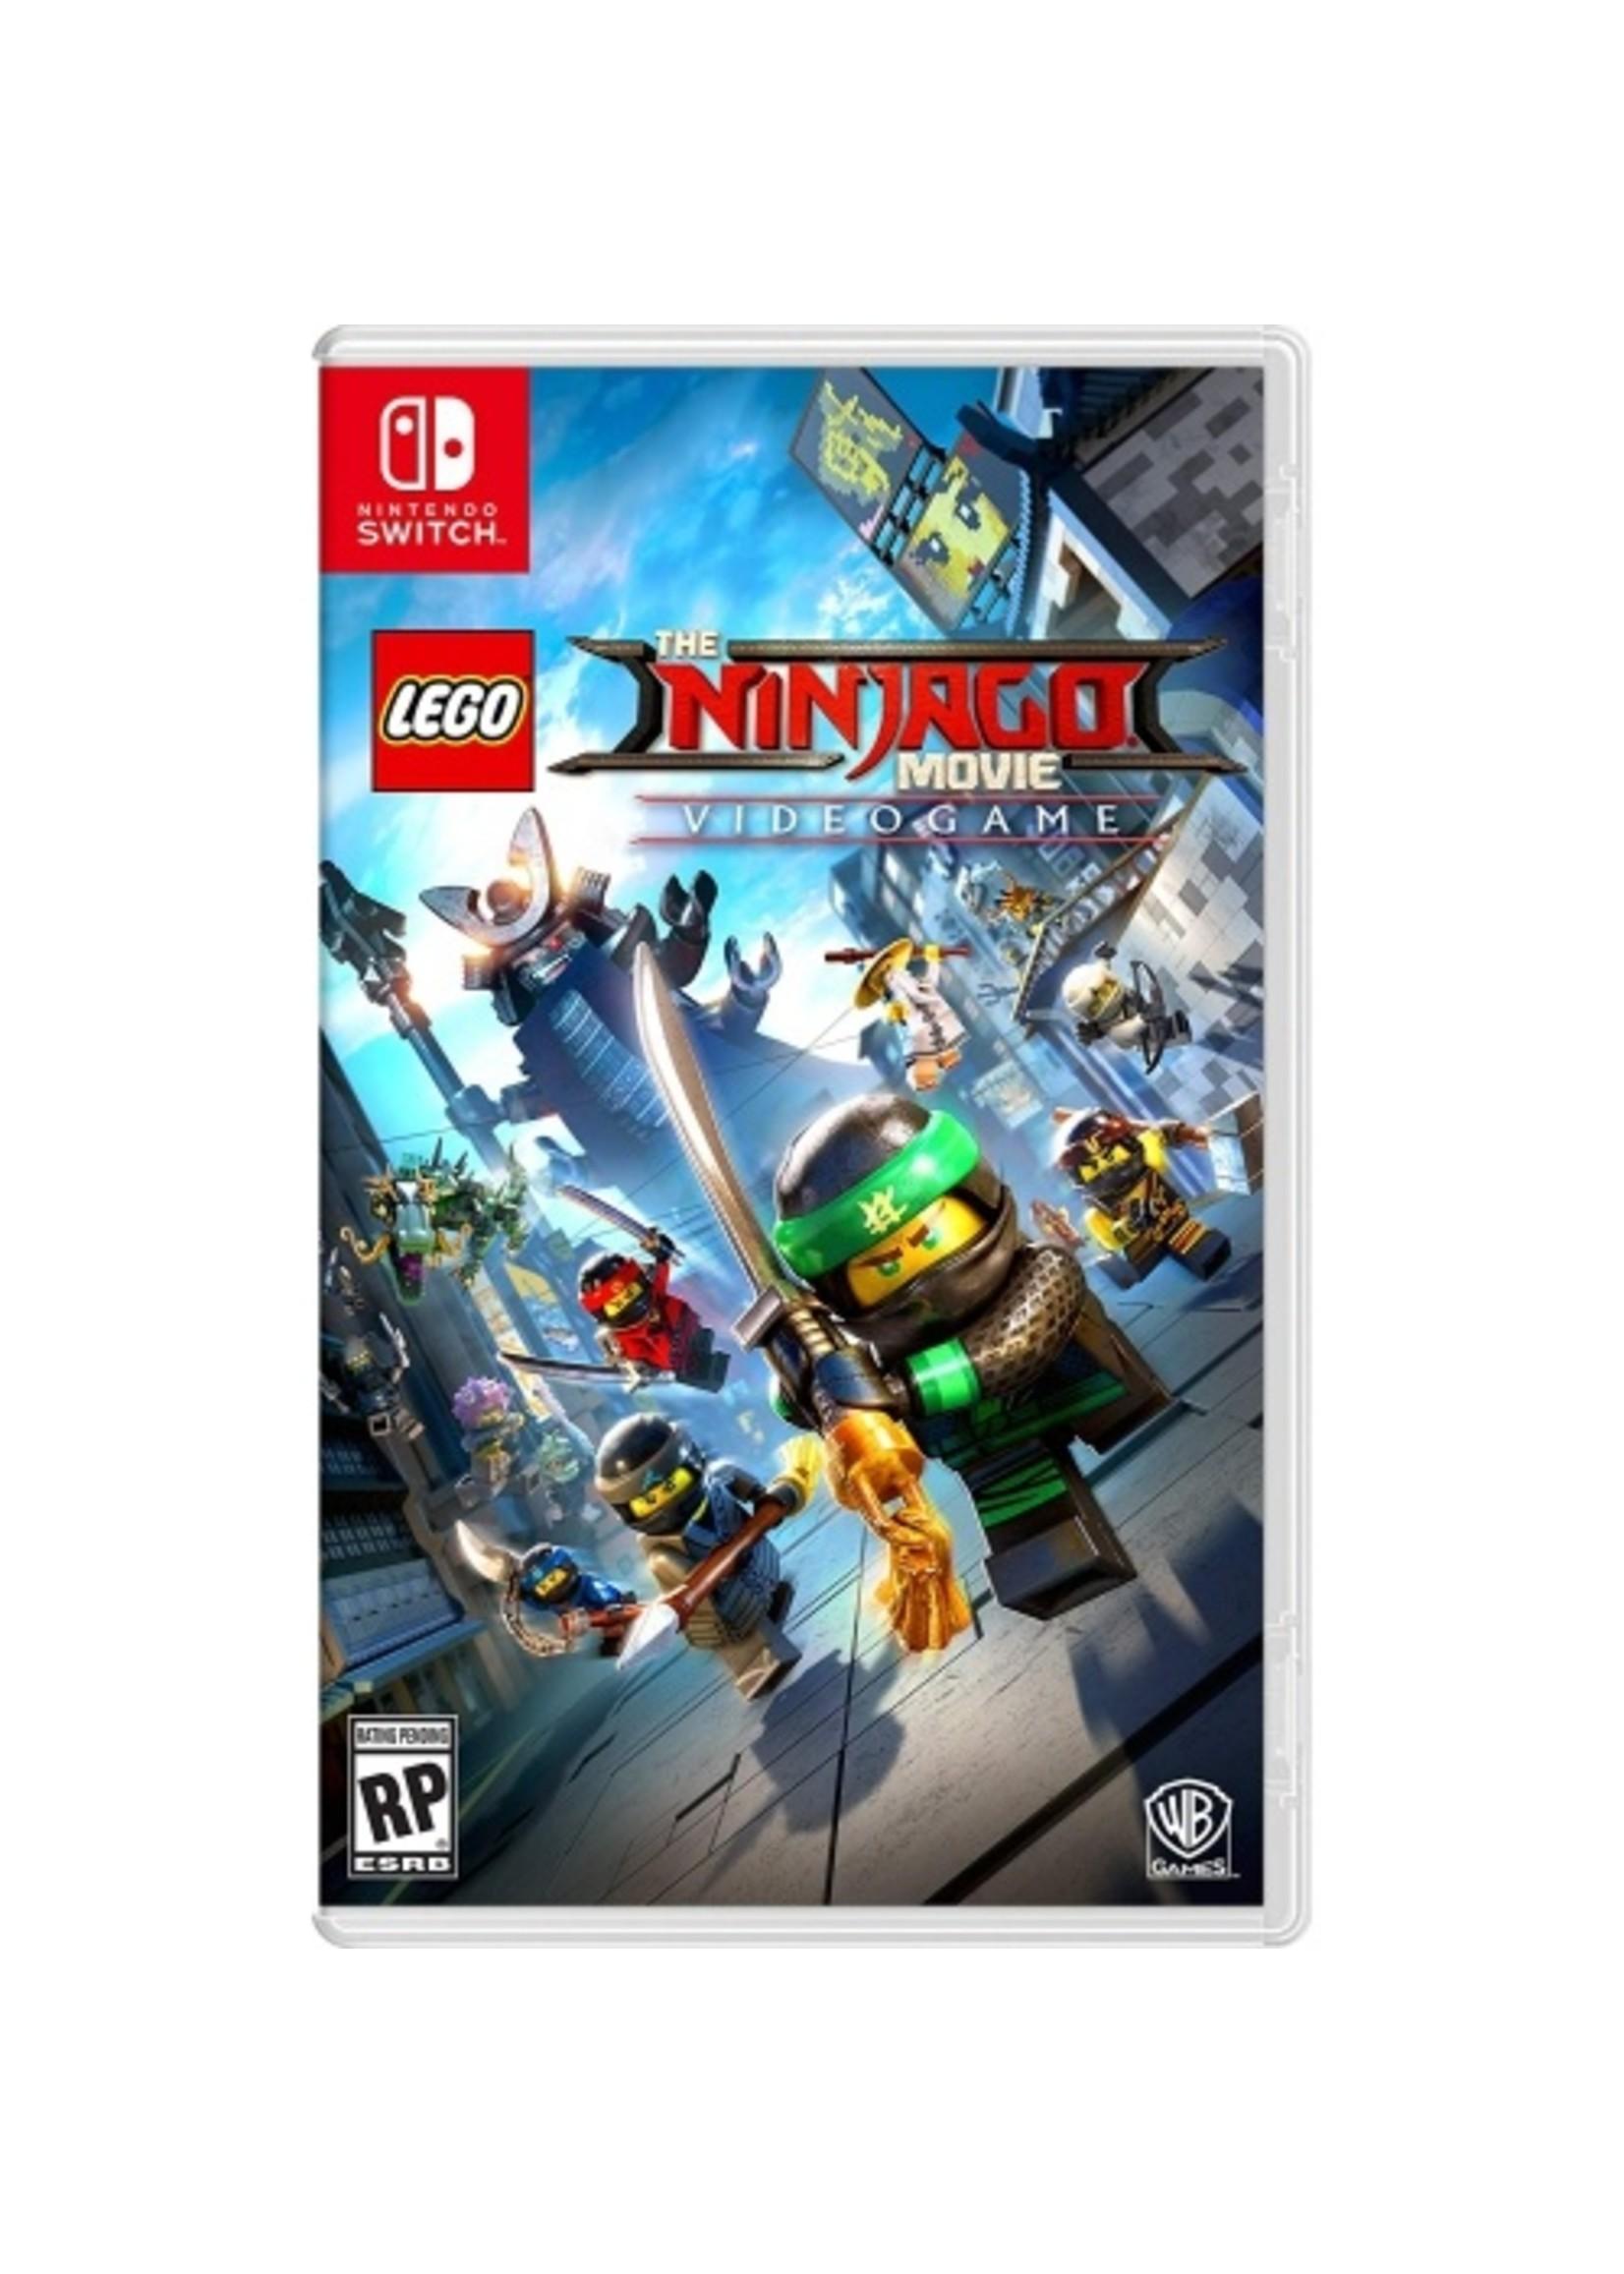 LEGO Ninjago  - SWITCH PrePlayed